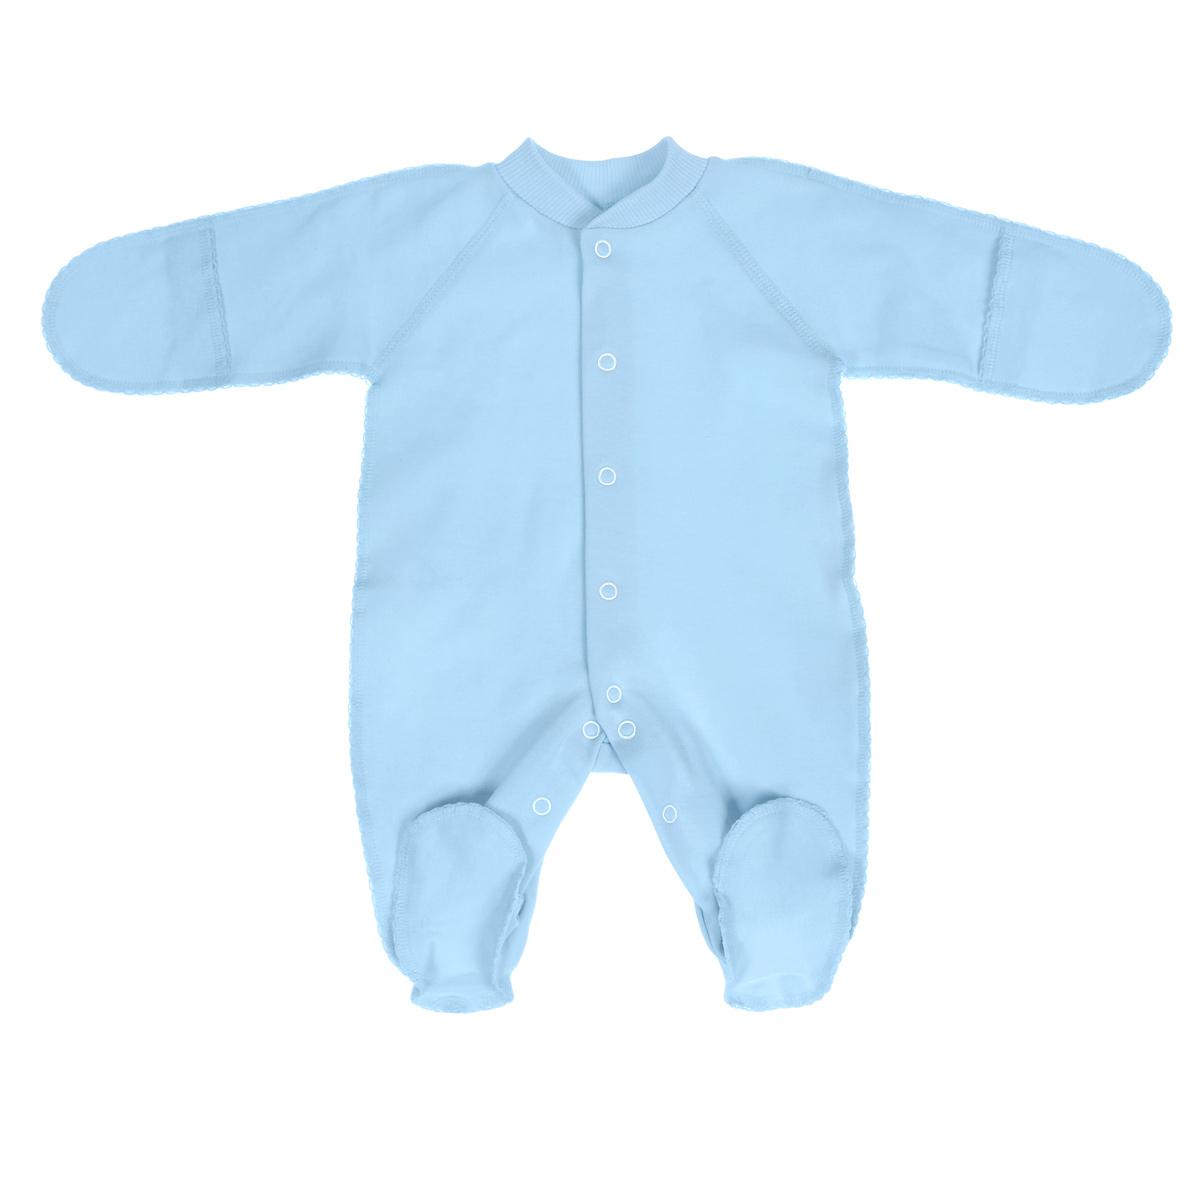 Комбинезон домашний37-523Детский комбинезон Фреш Стайл станет идеальным дополнением к гардеробу вашего ребенка. Выполненный из натурального хлопка, он необычайно мягкий и приятный на ощупь, не раздражают нежную кожу ребенка и хорошо вентилируется. Комбинезон с длинными рукавами-реглан, закрытыми ножками и небольшим воротником-стойкой застегиваются спереди на кнопки по всей длине и на ластовице, что облегчает переодевание ребенка и смену подгузника. Горловина дополнена трикотажной эластичной резинкой. Благодаря рукавичкам ребенок не поцарапает себя. Швы выполнены наружу и оформлены ажурными петельками. В таком комбинезоне ваш малыш будет чувствовать себя комфортно и уютно!